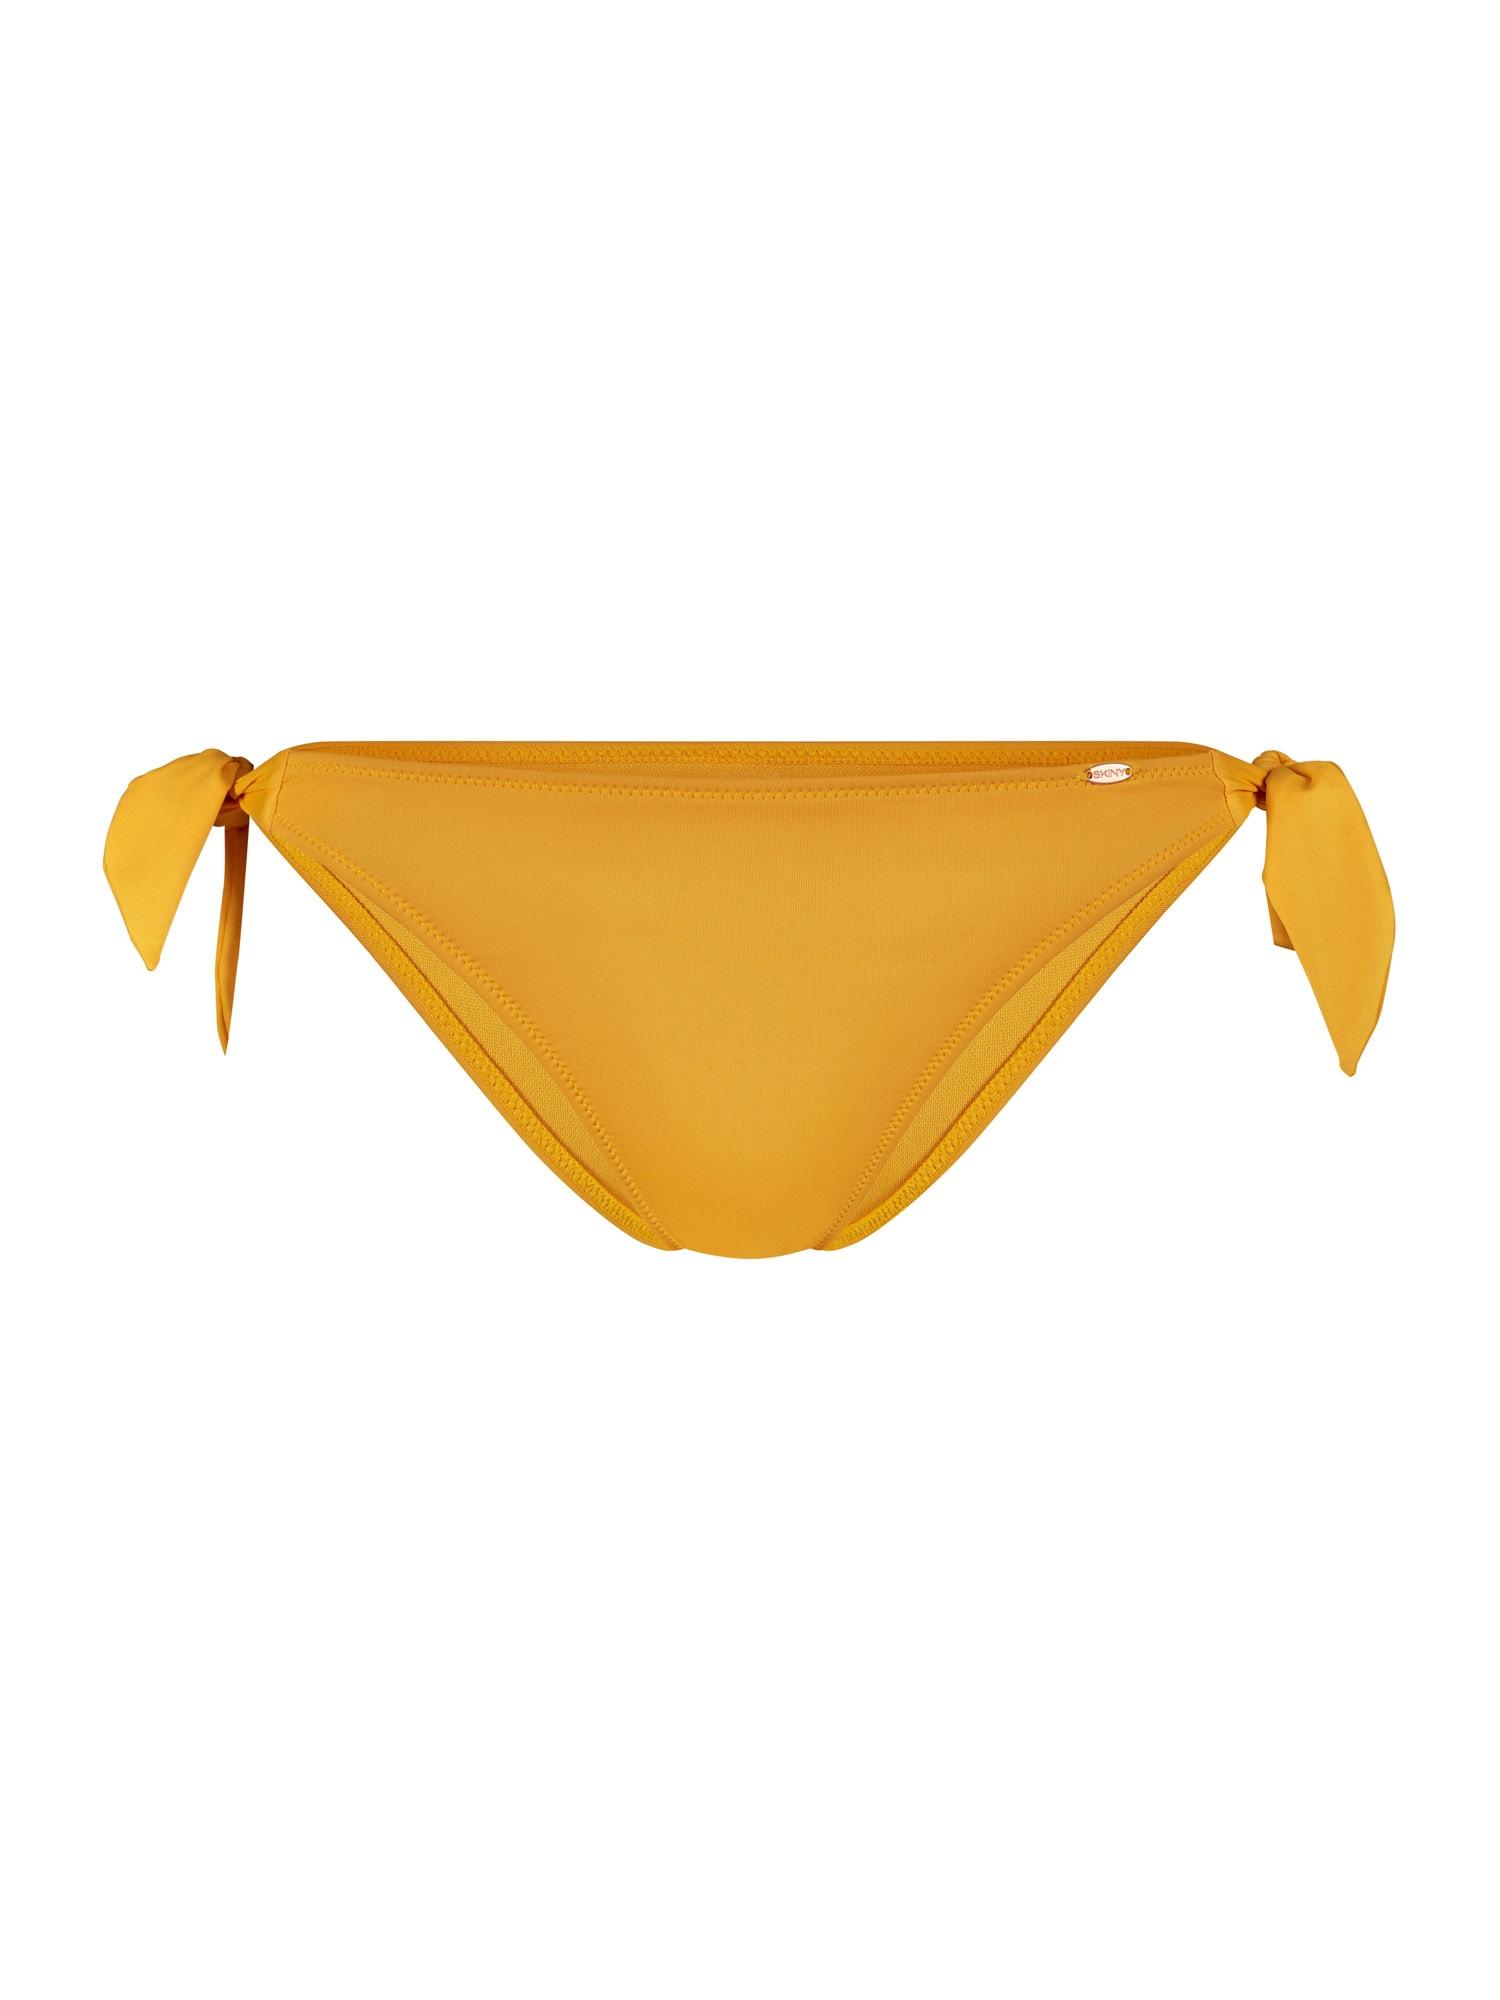 Skiny Bikinio kelnaitės aukso geltonumo spalva